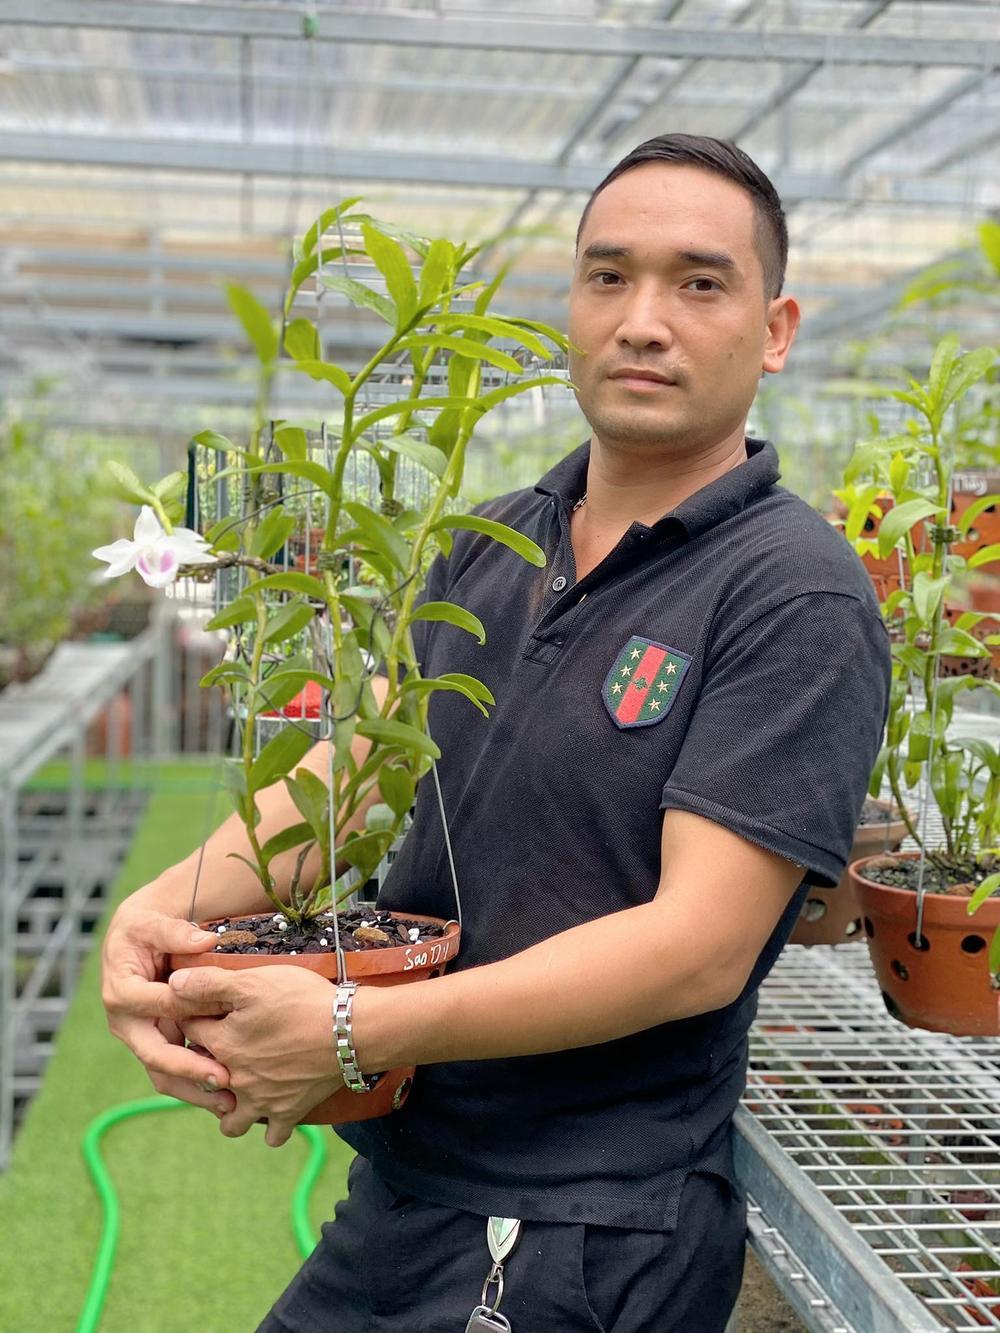 Chặng đường trở thành ông chủ vườn lan nổi tiếng của chàng trai 8X Nguyễn Tiến Huy Ảnh 1